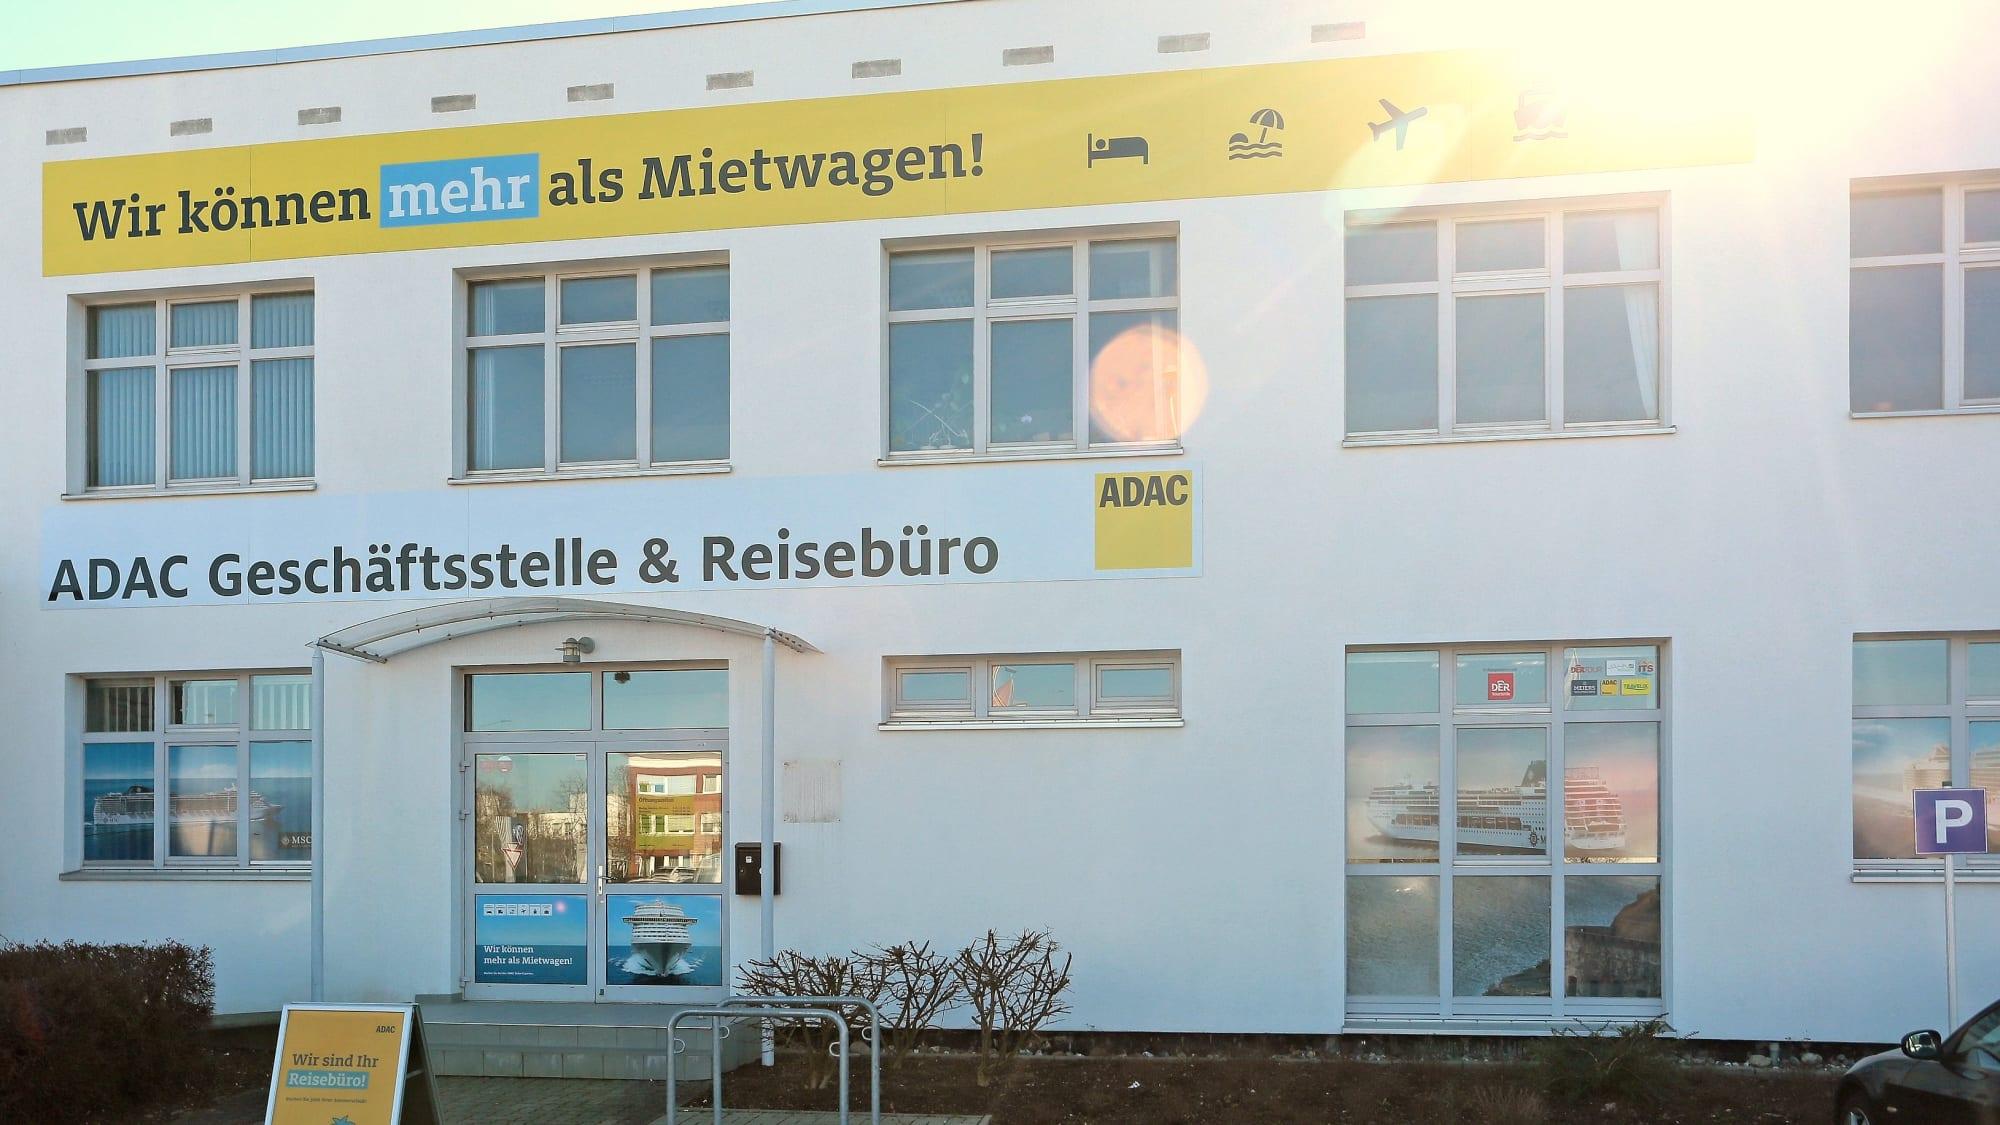 Außenansicht ADAC Geschäftsstelle & Reisebüro Rostock